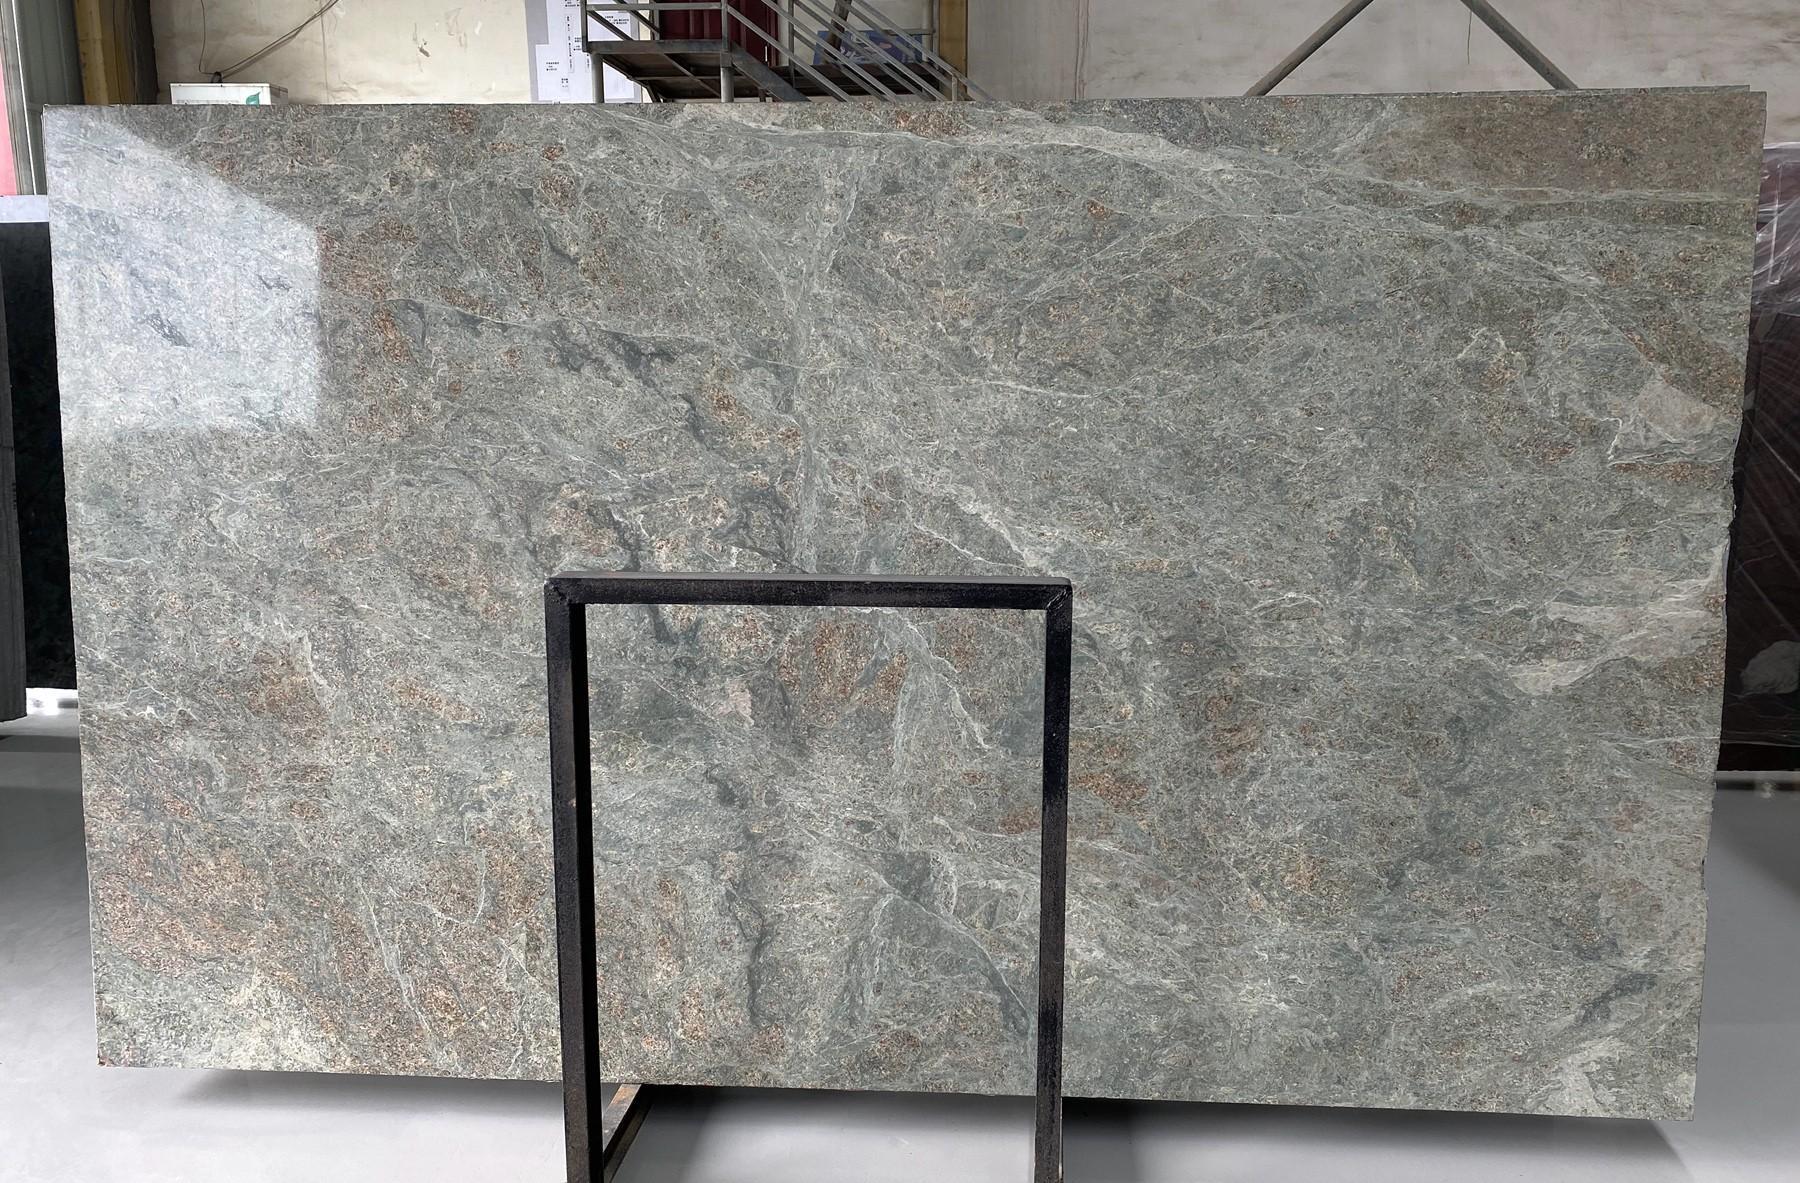 LT GREEN Suministro Fujian (China) de planchas pulidas en granito natural D2109 , Bundle #02